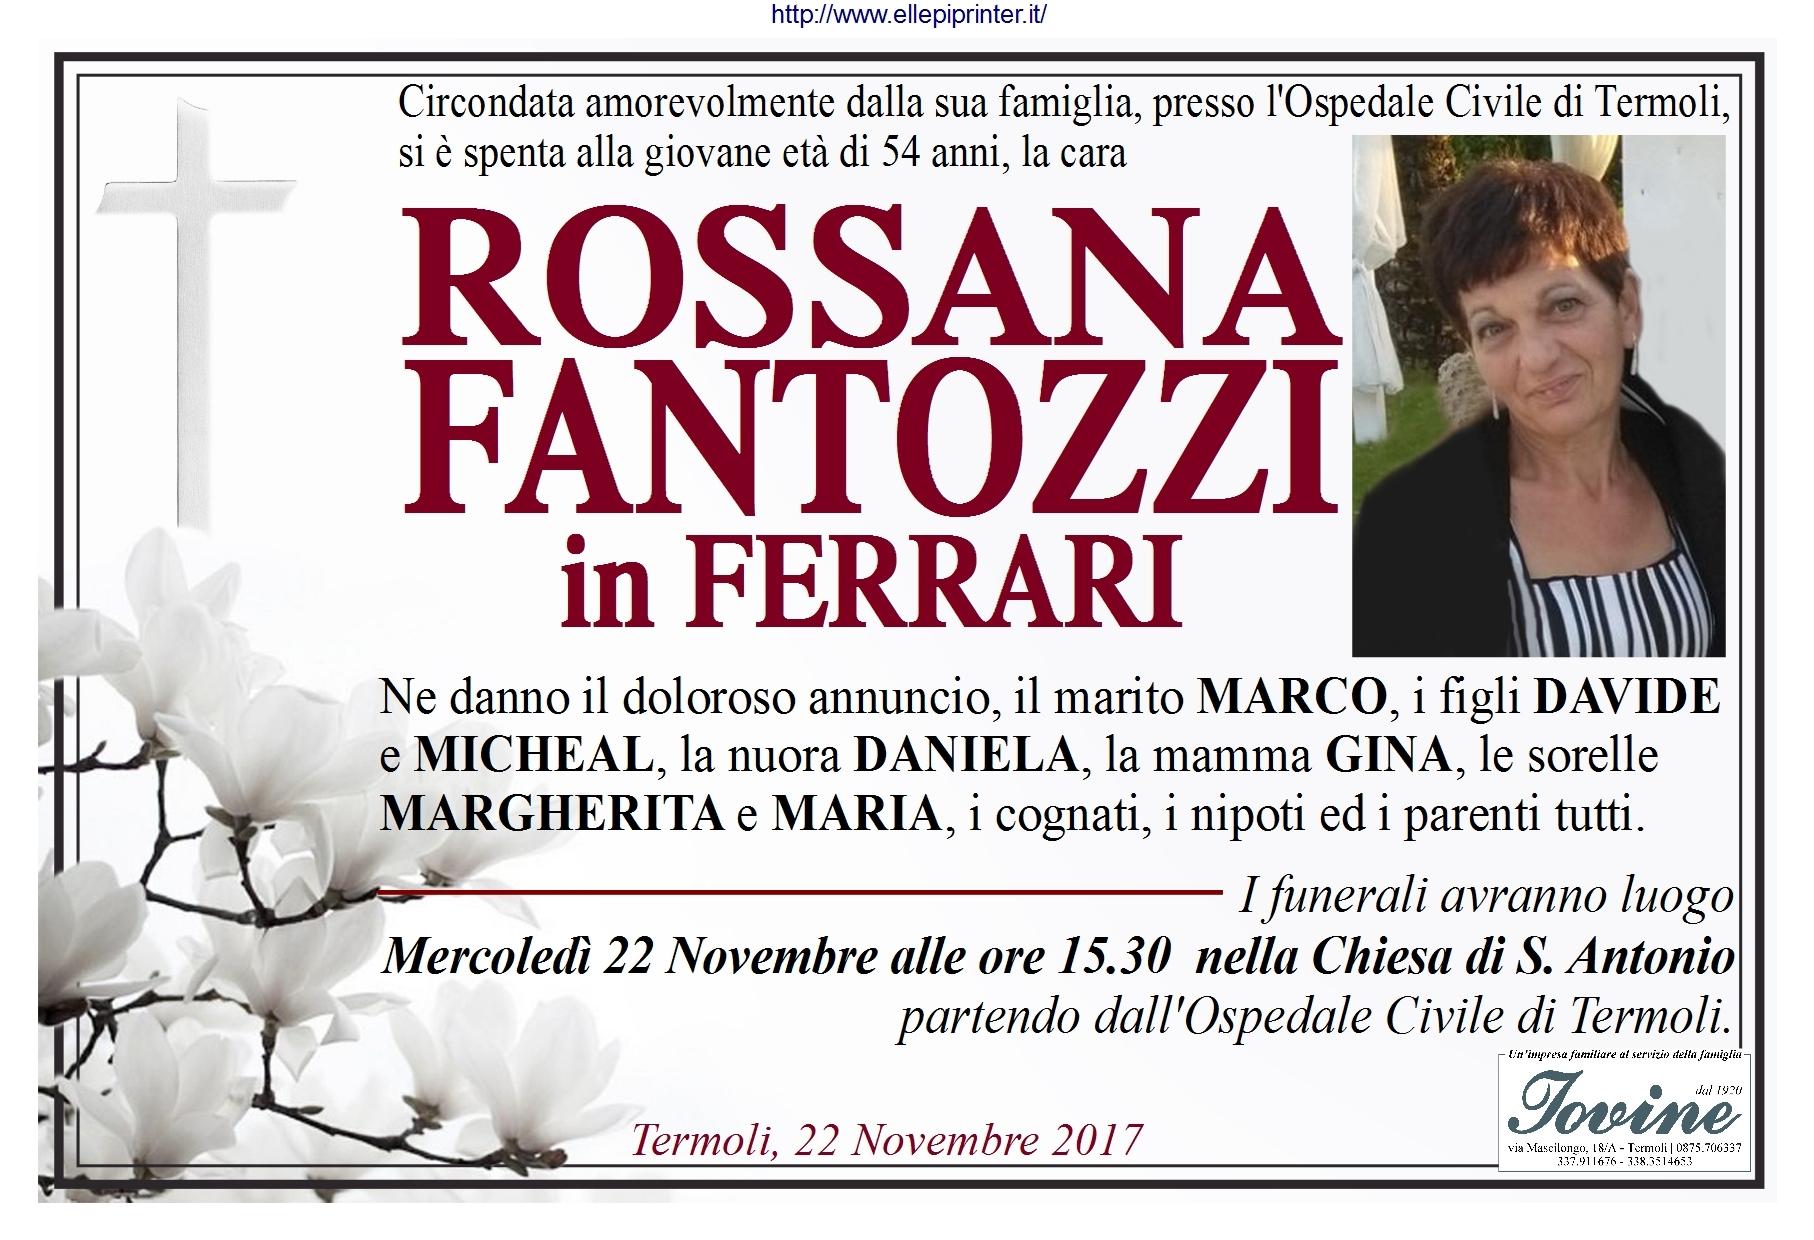 Rossana Fantozzi, 22/11/2017, Termoli – Onoranze Funebri Iovine